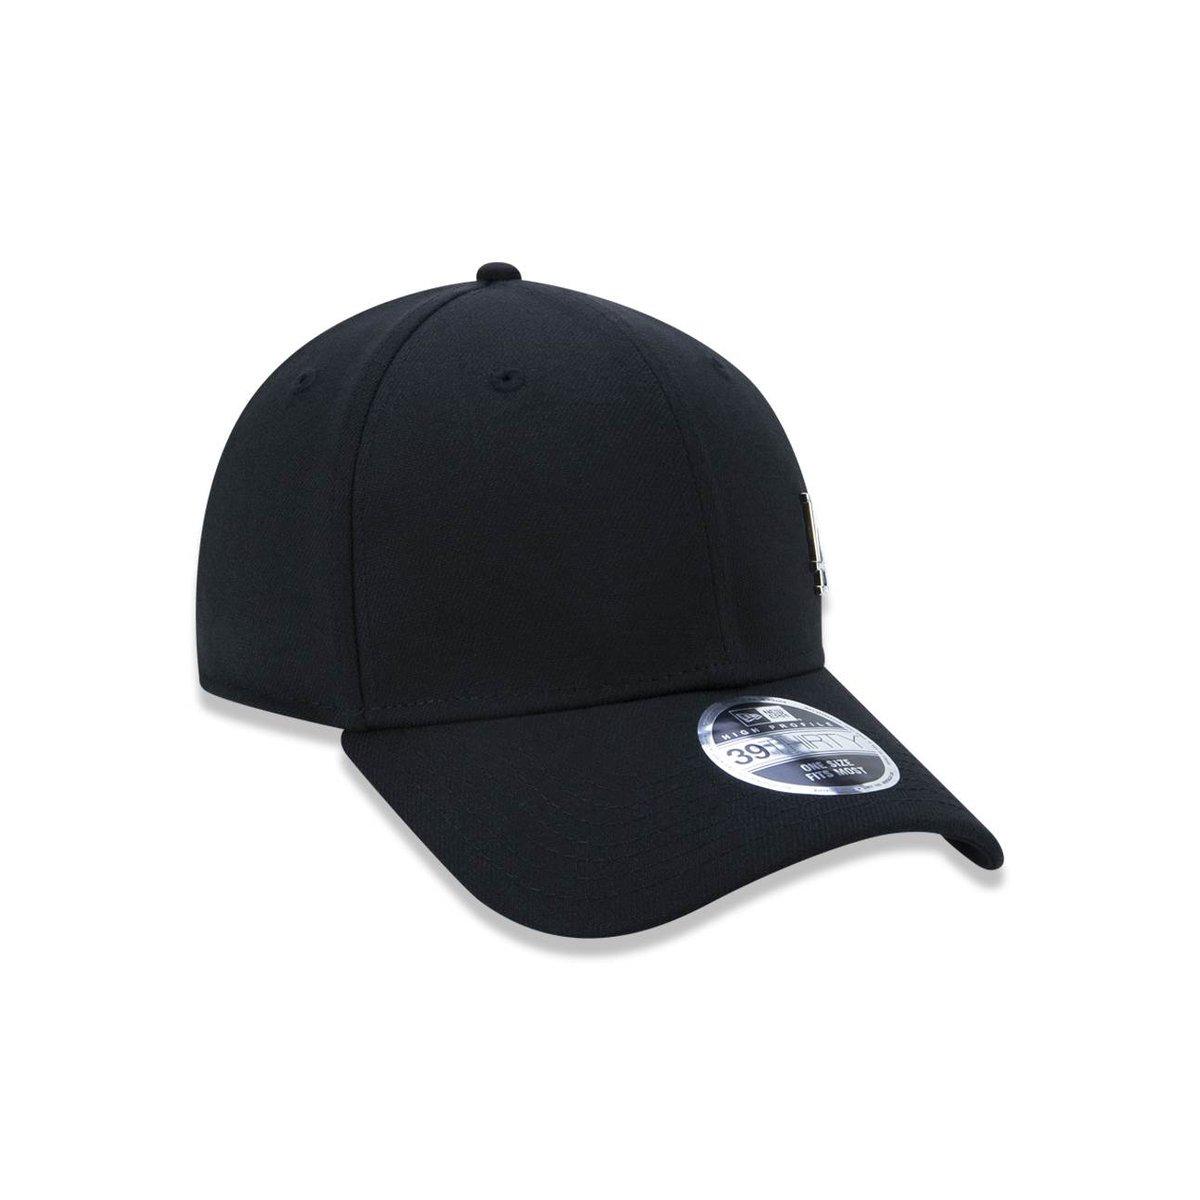 Boné 3930 Los Angeles Dodgers MLB Aba Curva New Era - Compre Agora ... e262e5f88b9